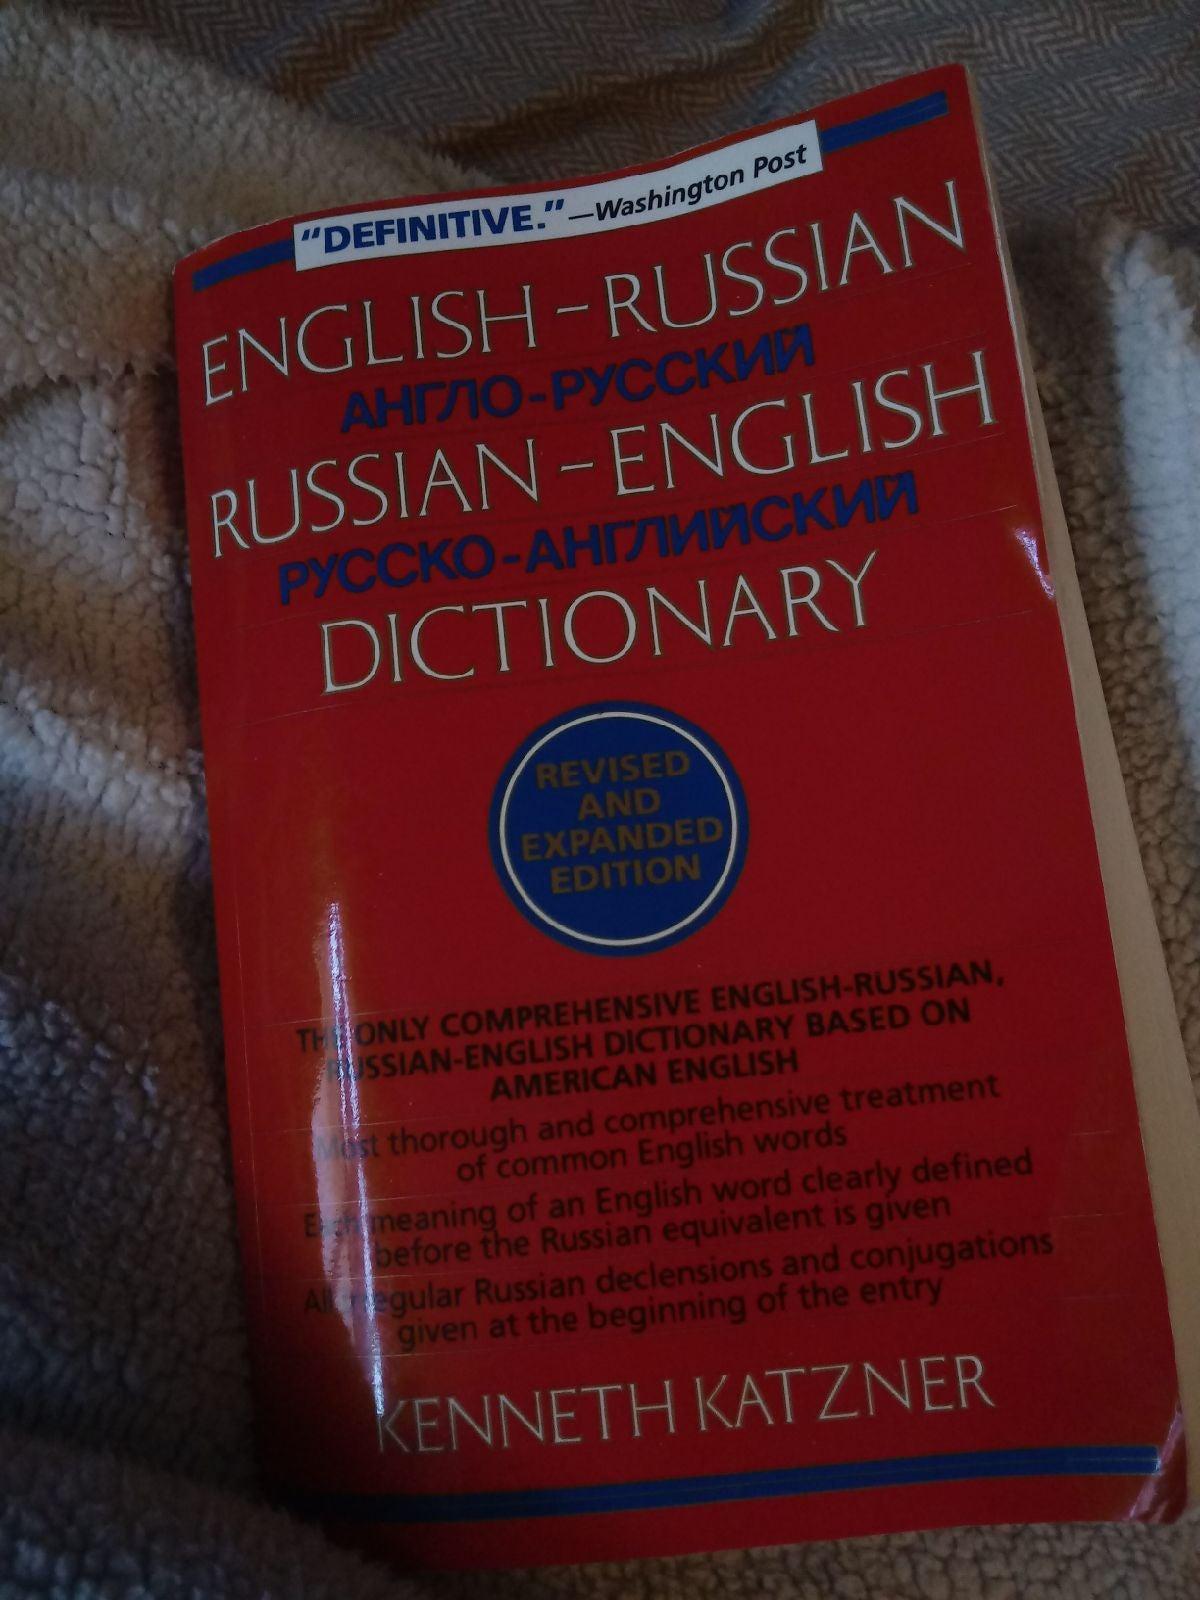 English-Russian /Russian-English diction